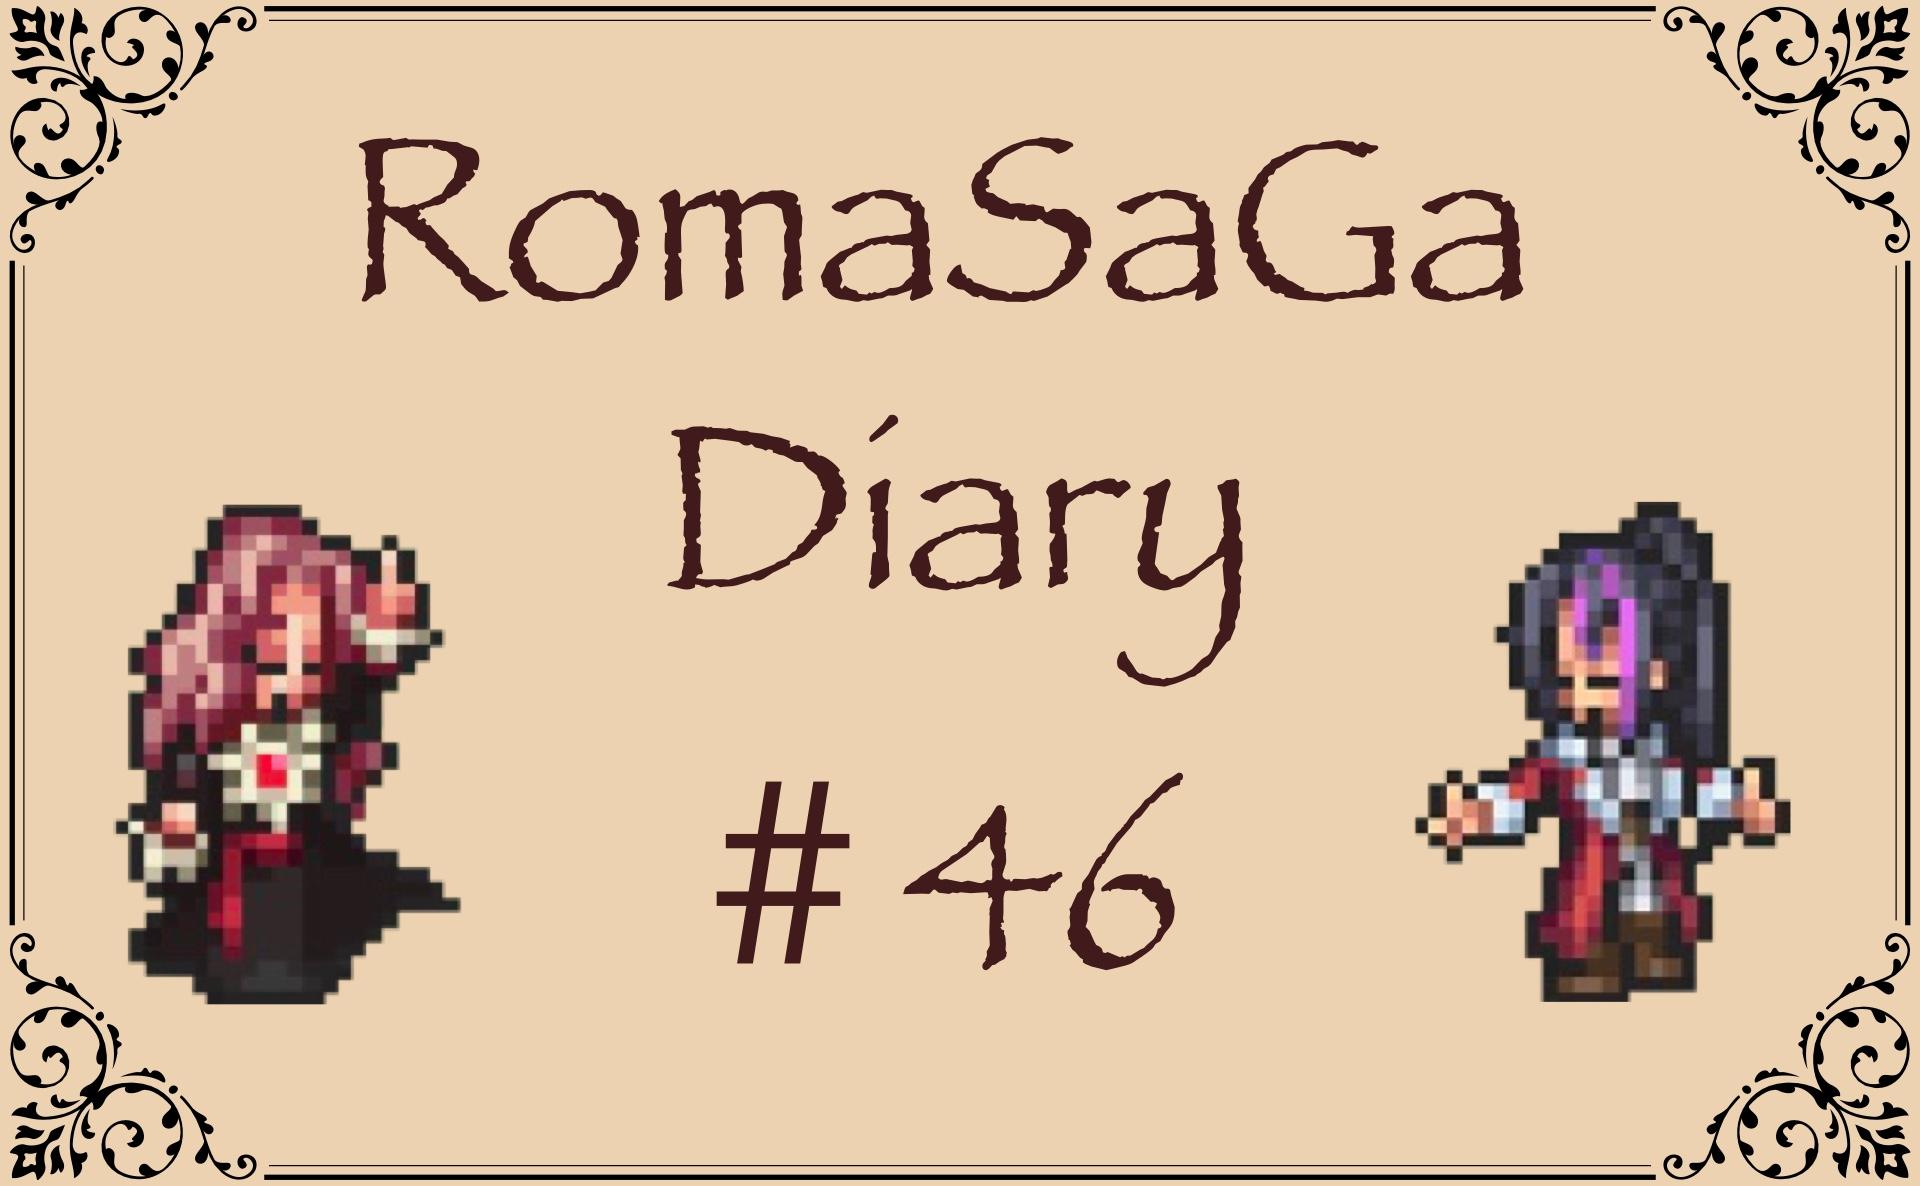 ロマサガDiary#46